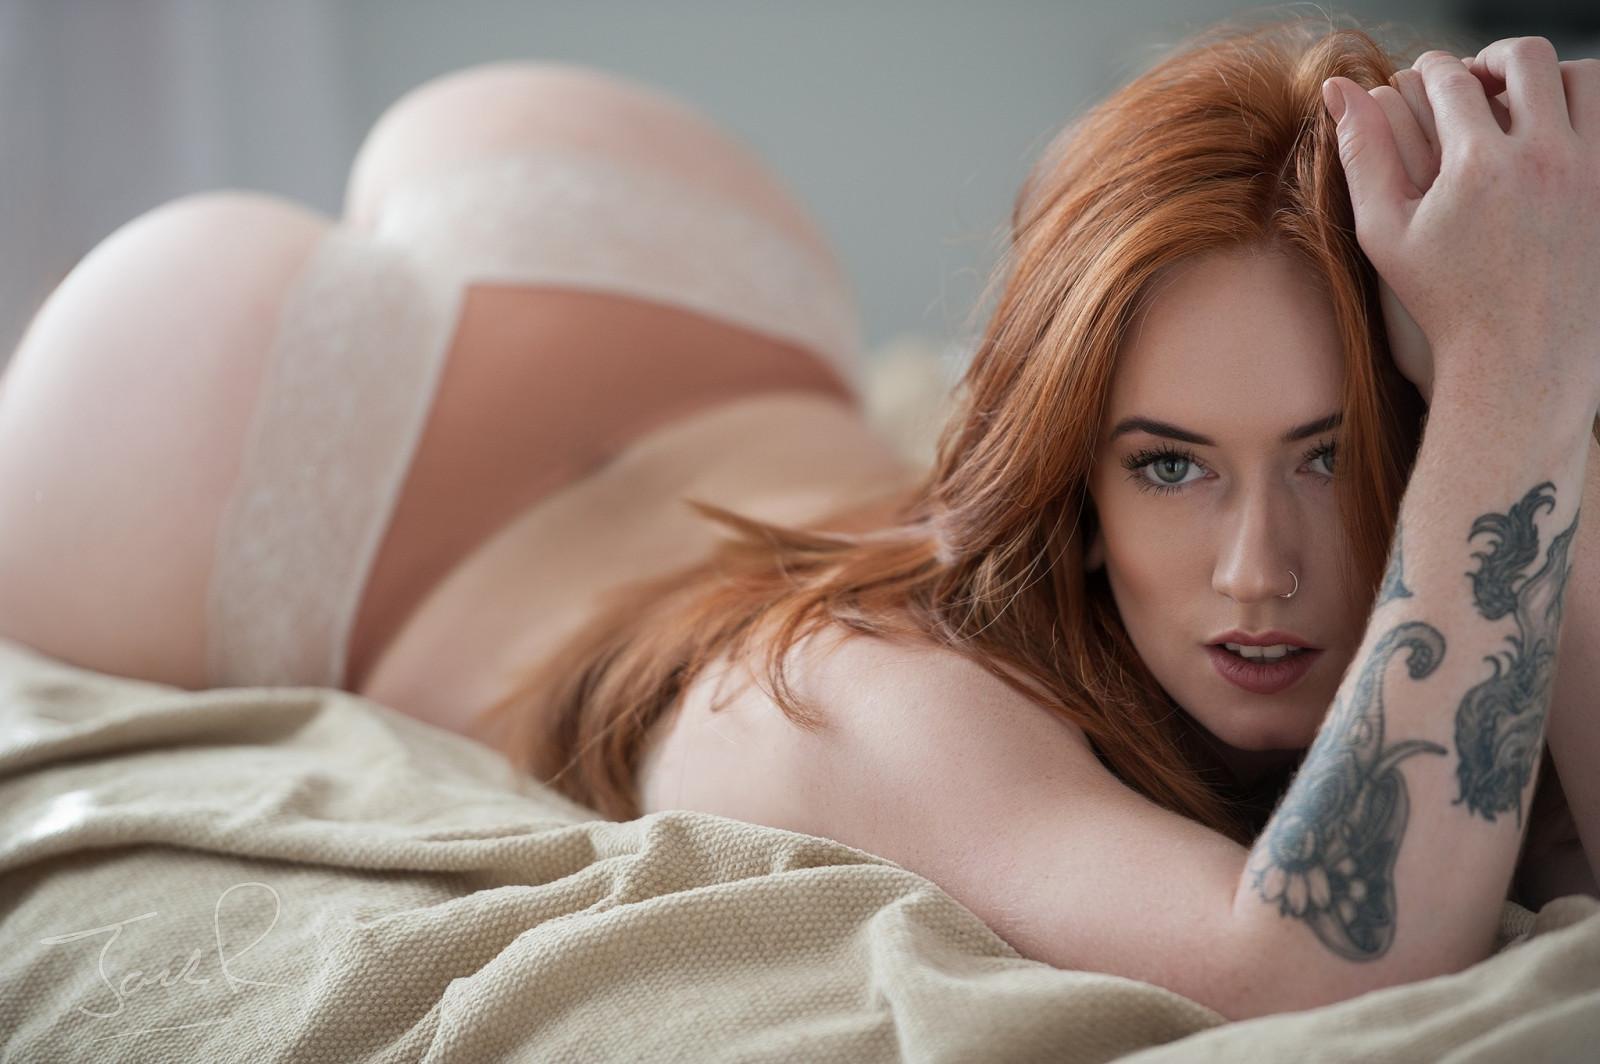 Redhead thongs